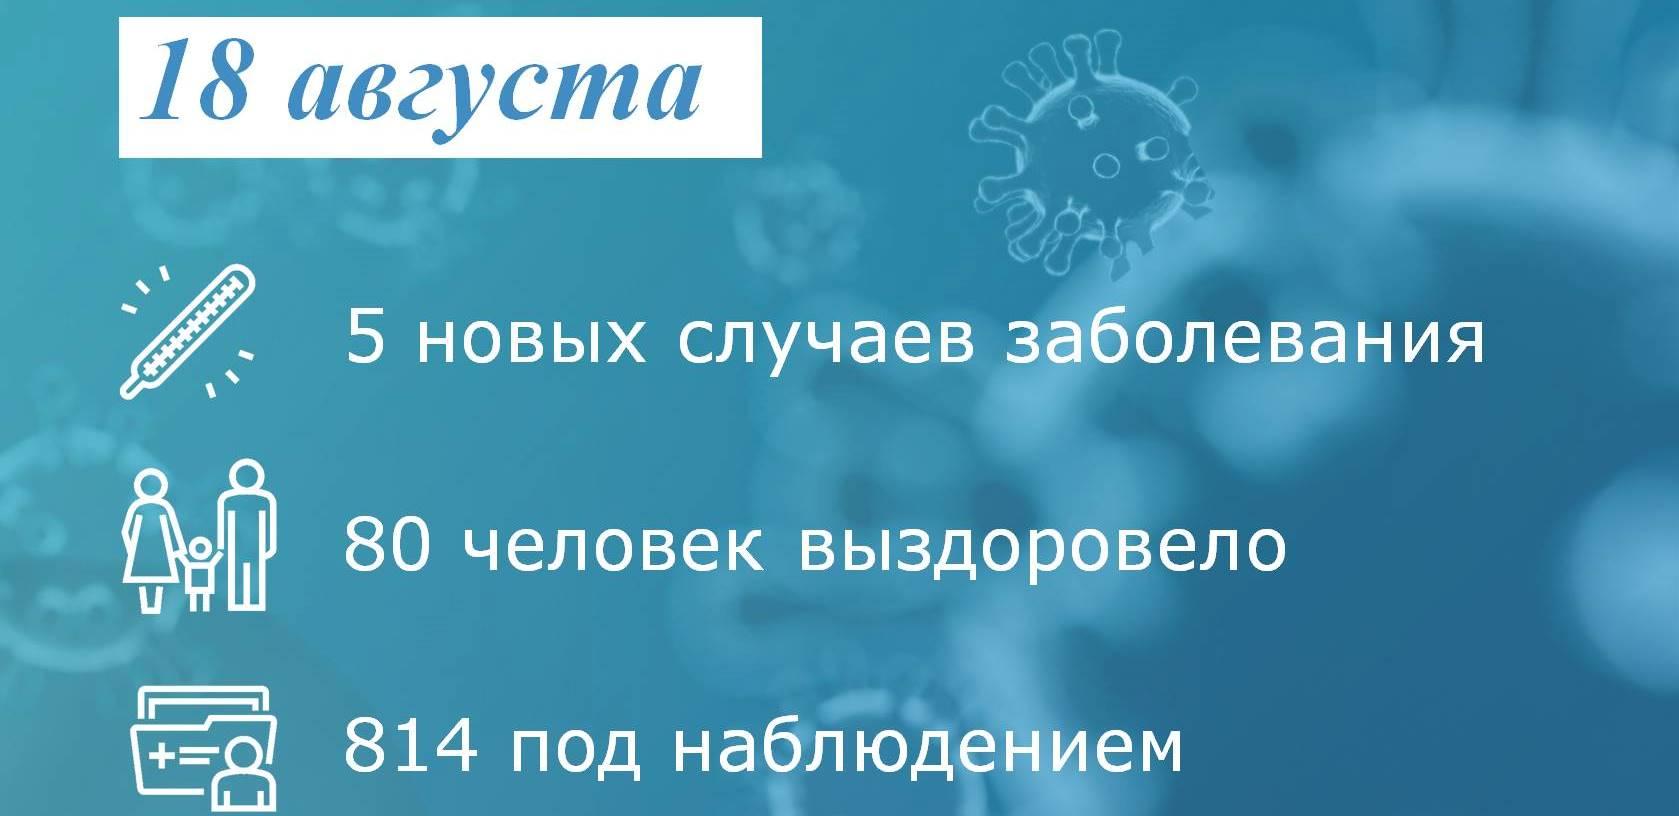 Коронавирус: в Таганроге заболели 5 человек